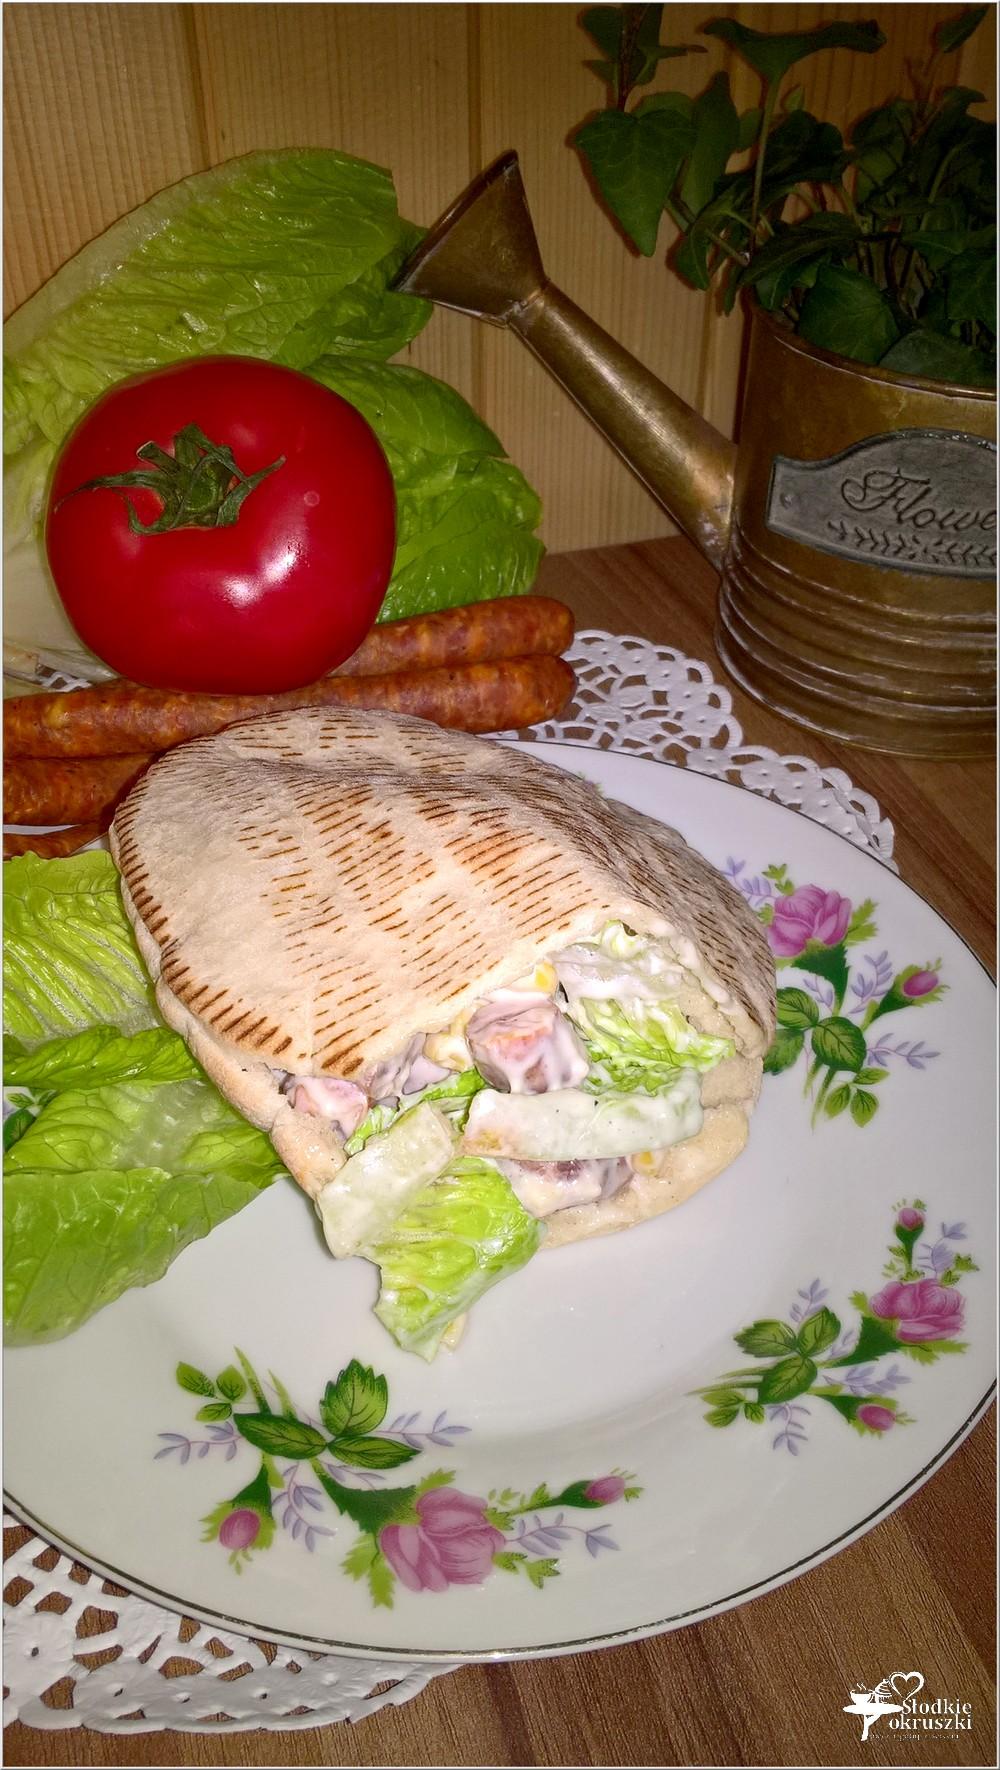 Szybki obiad. Pita z frankurterkami w domowym sosie (1)